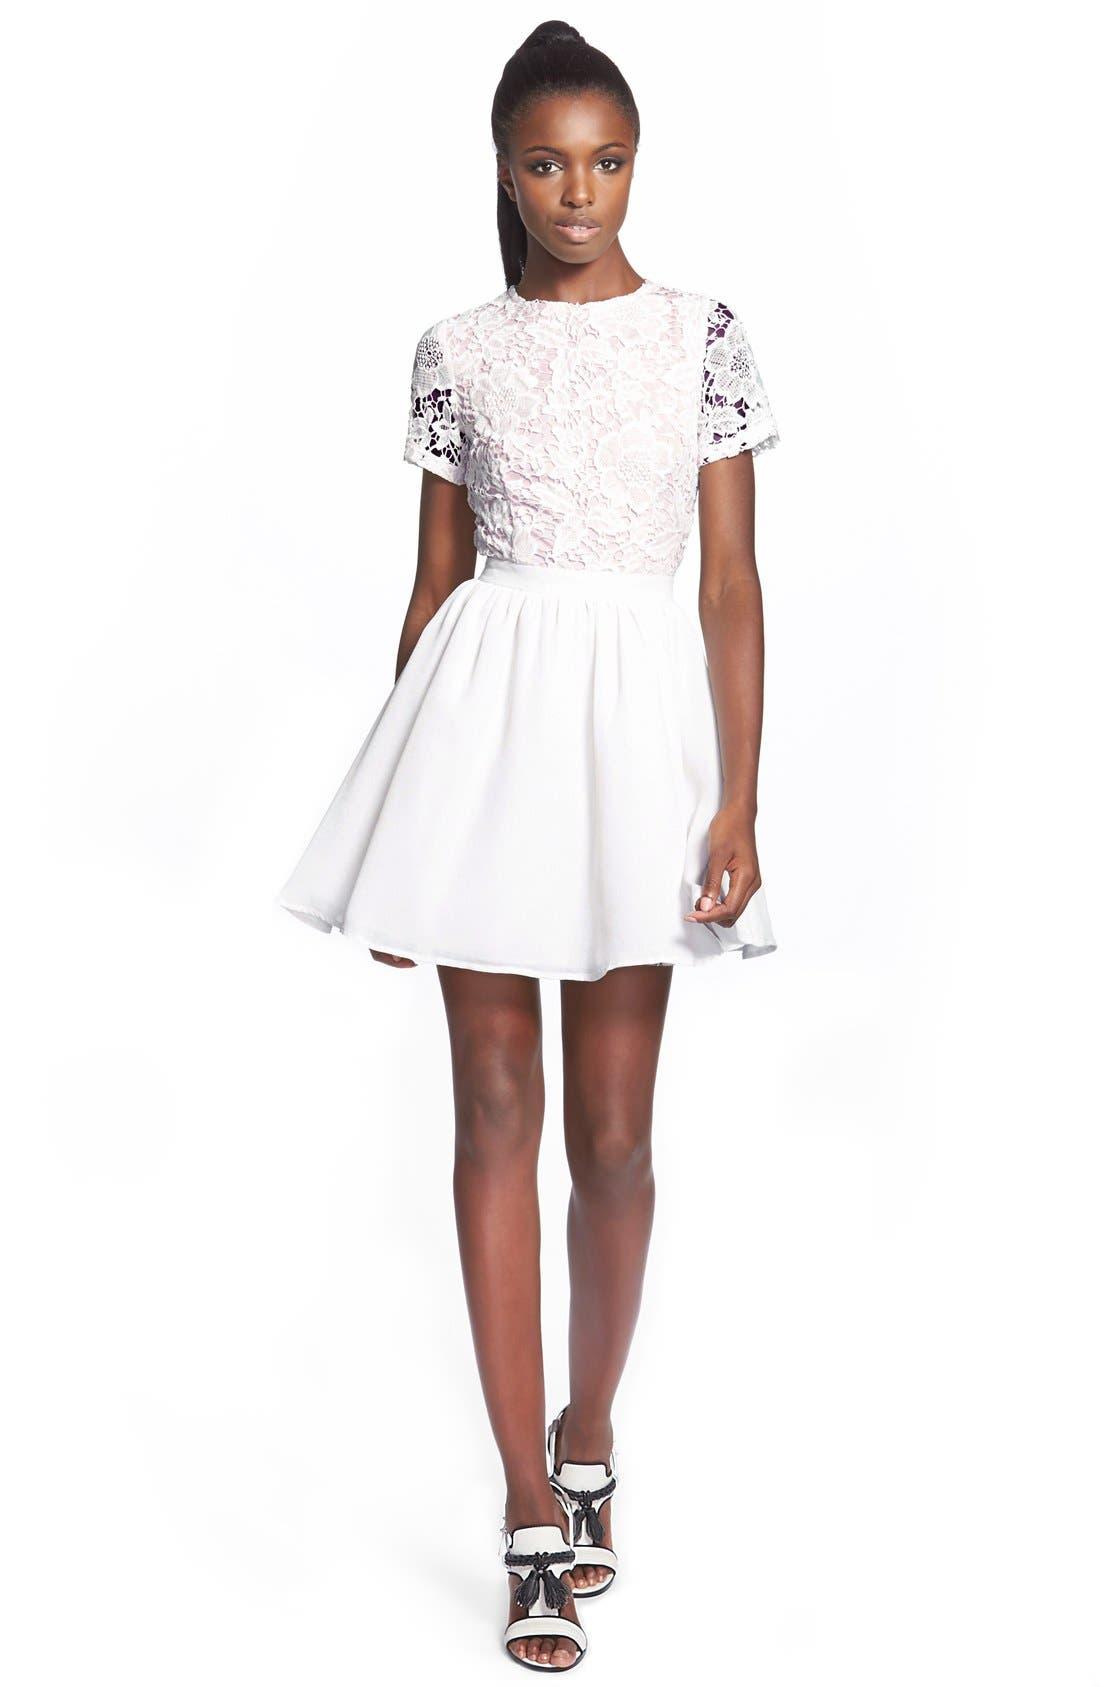 Main Image - Missguided Crochet Skater Dress